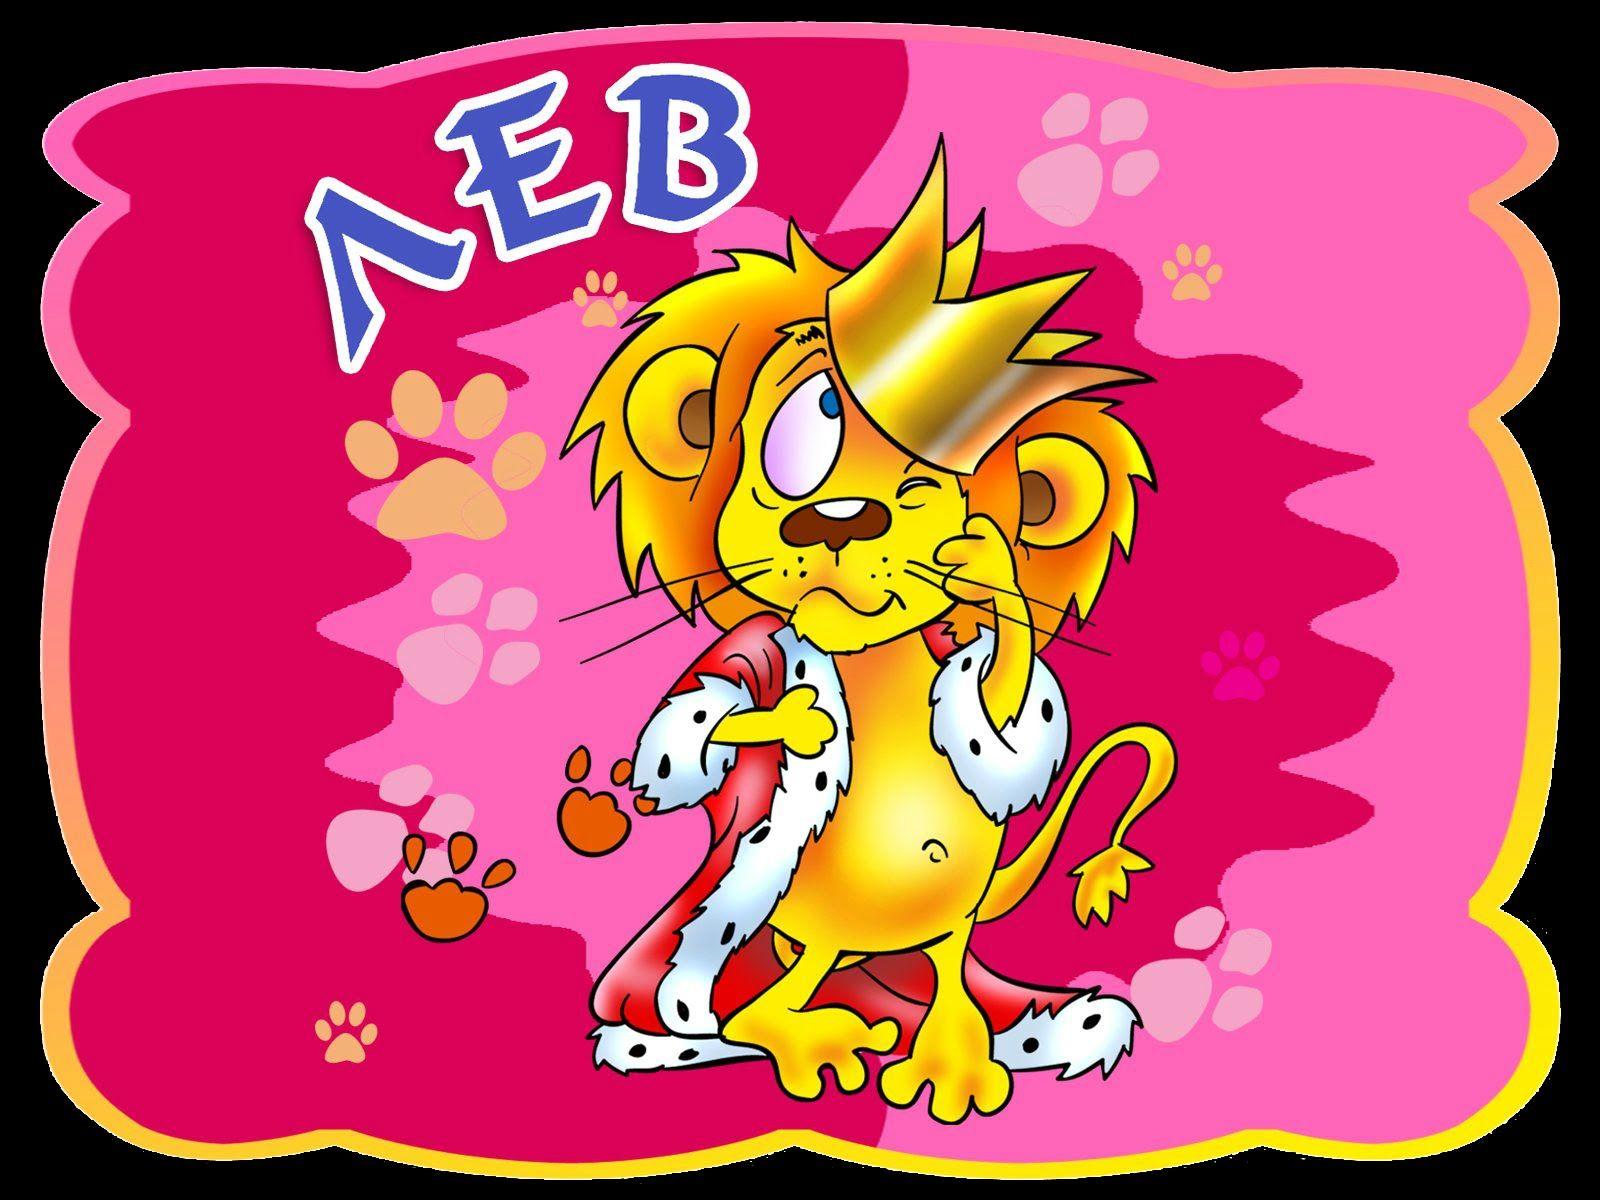 чертой прикольное поздравление льву по гороскопу нежелательных животных, туалетные